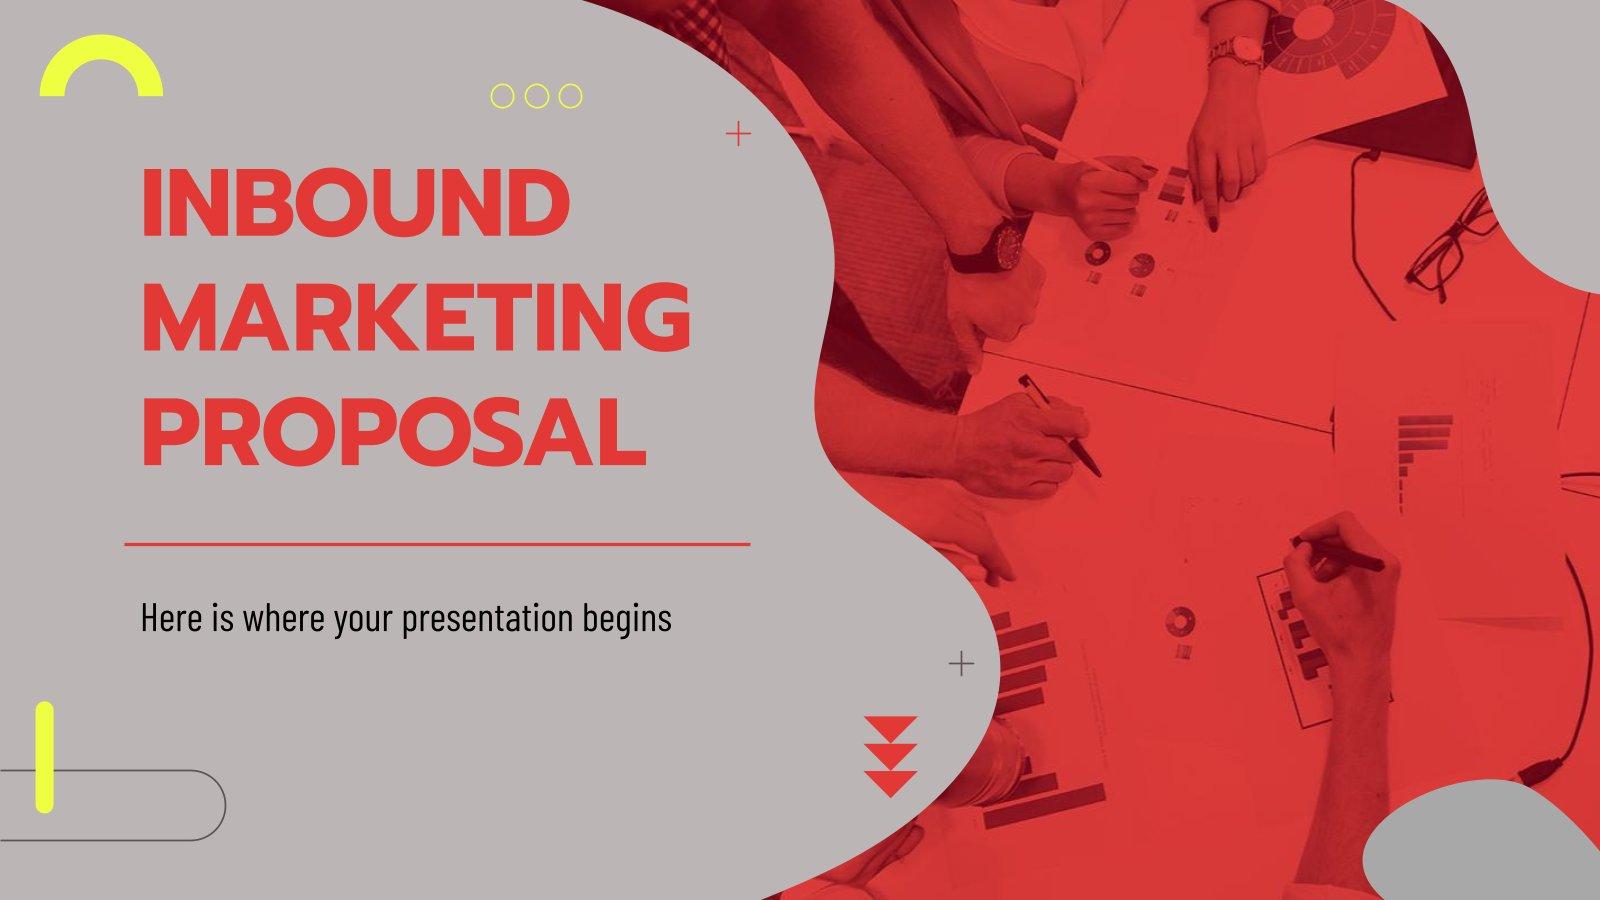 Inbound Marketing Proposal presentation template